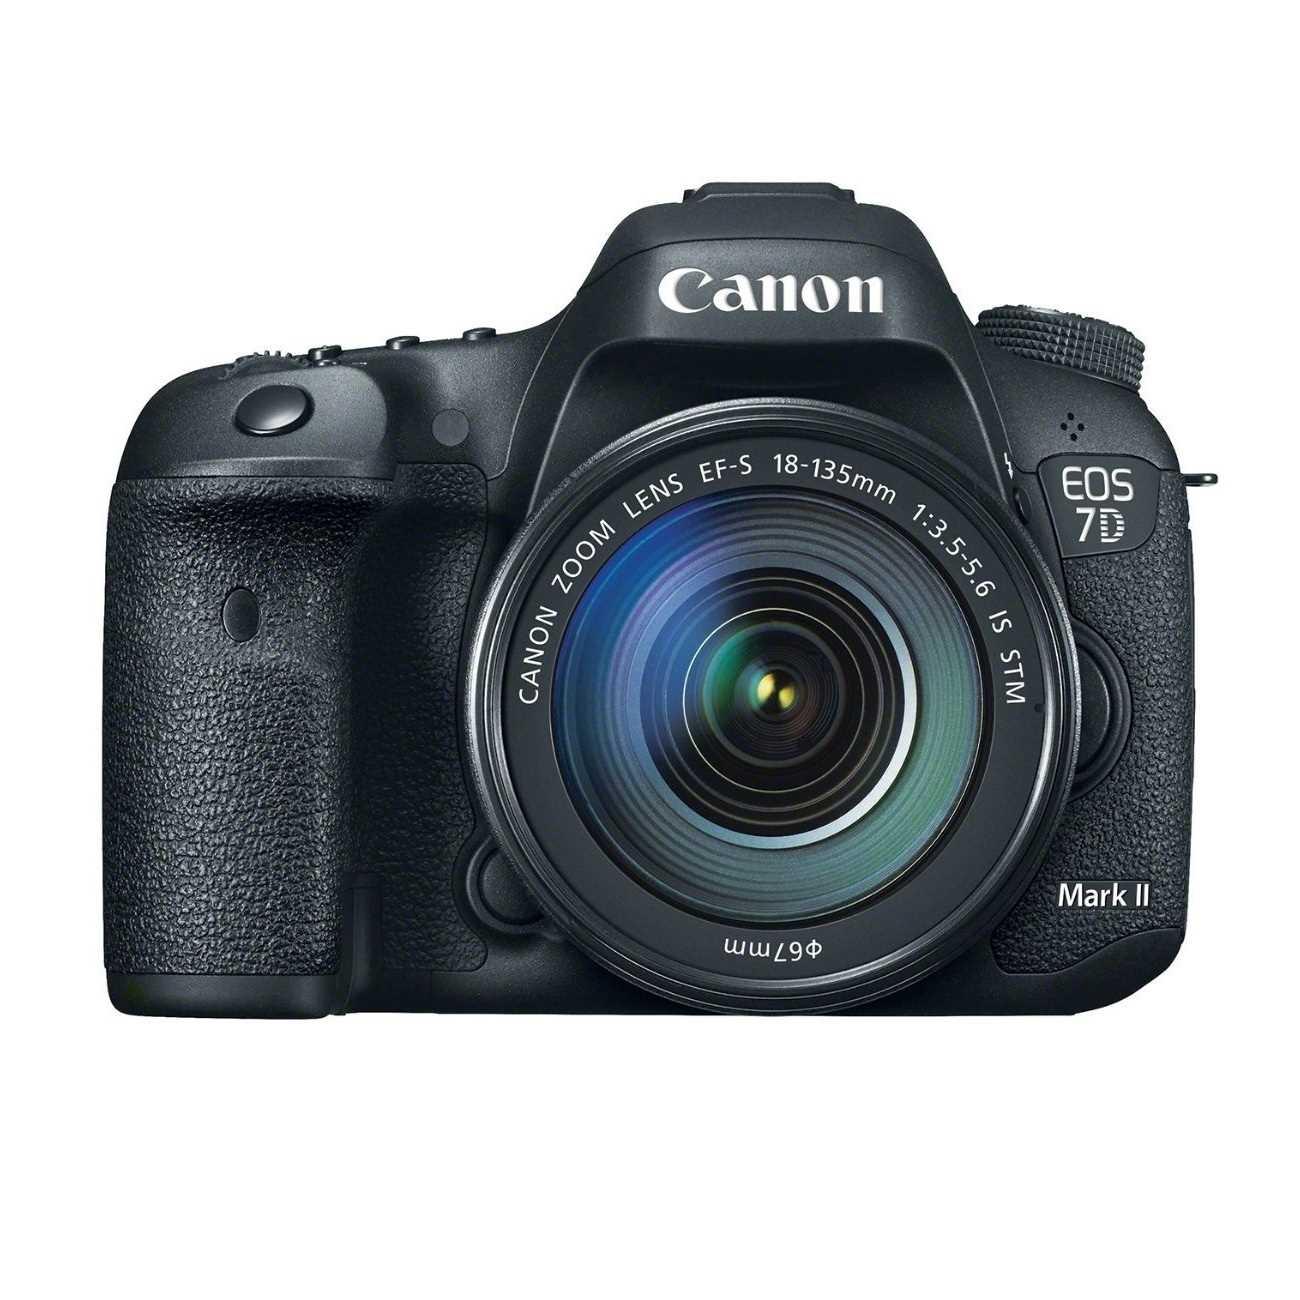 Canon EOS 7D Mark II 18-135 mm